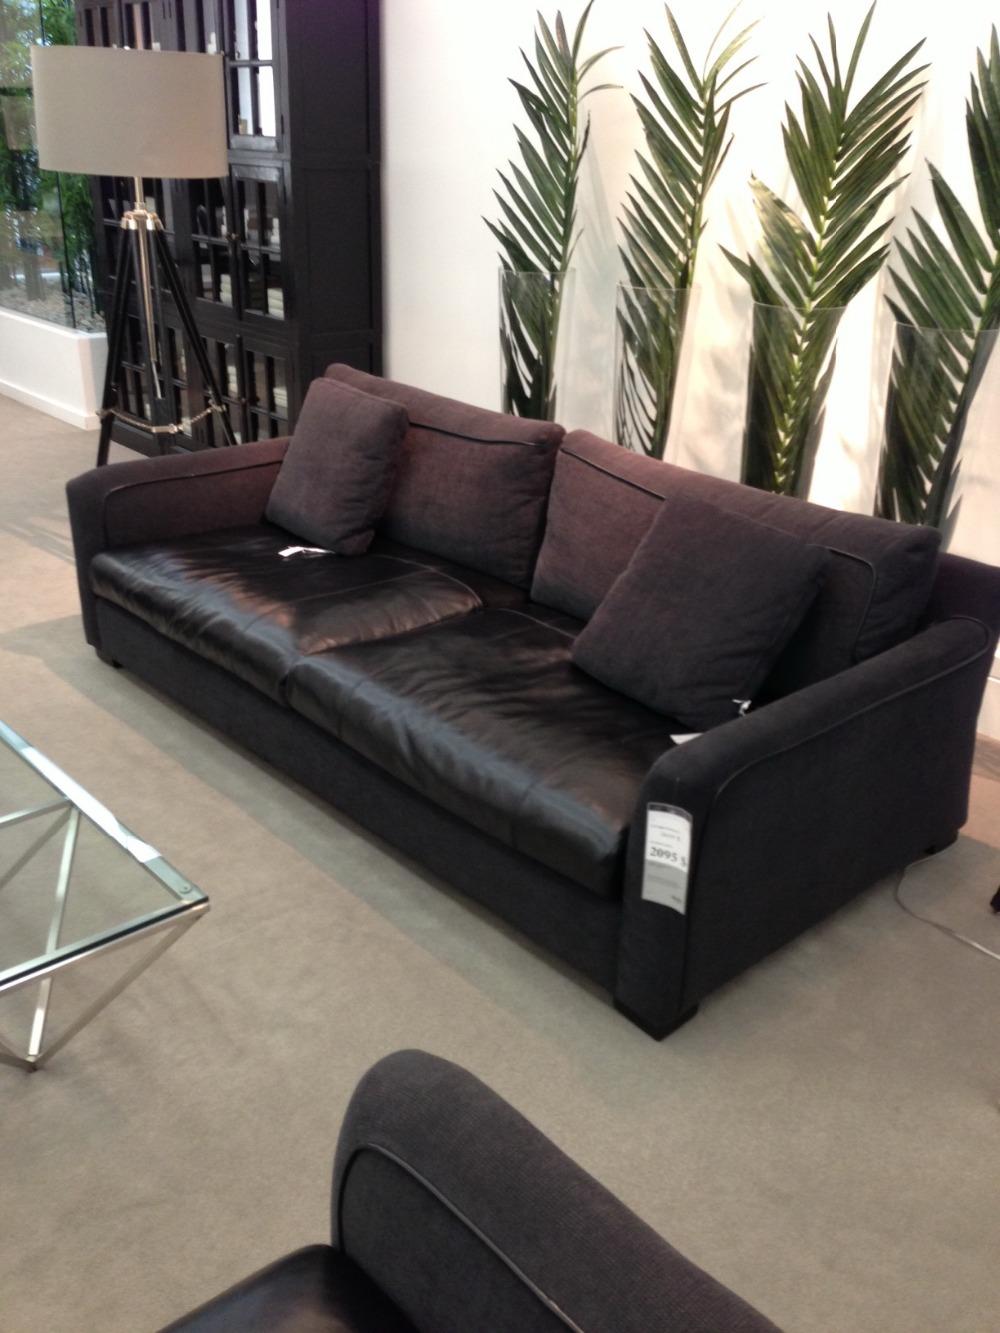 Moderne wohnzimmer sofa 3 französisch designer echtem leder sofa sofagarnitur setchina mainland